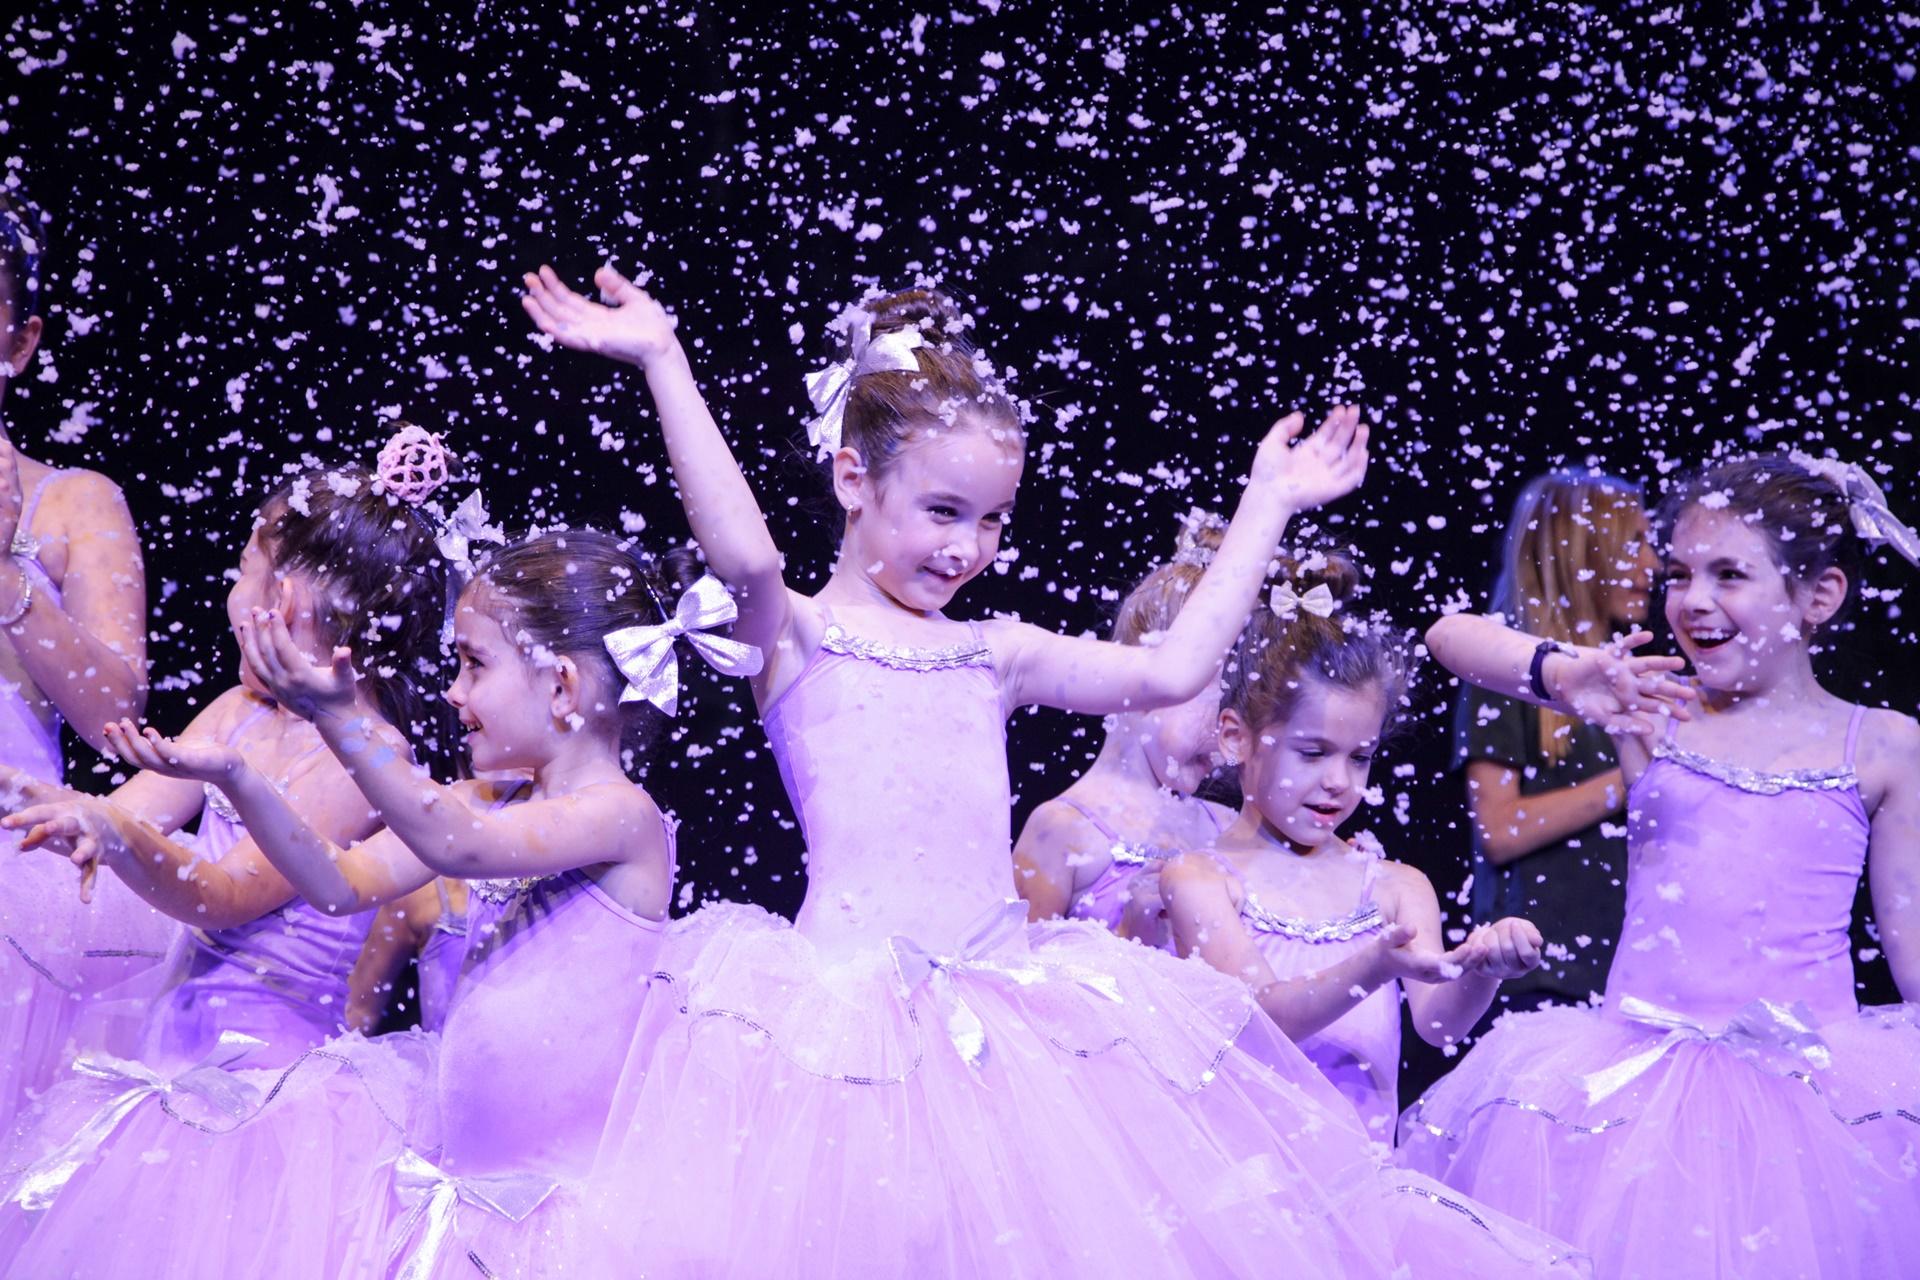 Balet hobby sau performanță: lecțiile de balet vor pregăti copilul pentru viitor